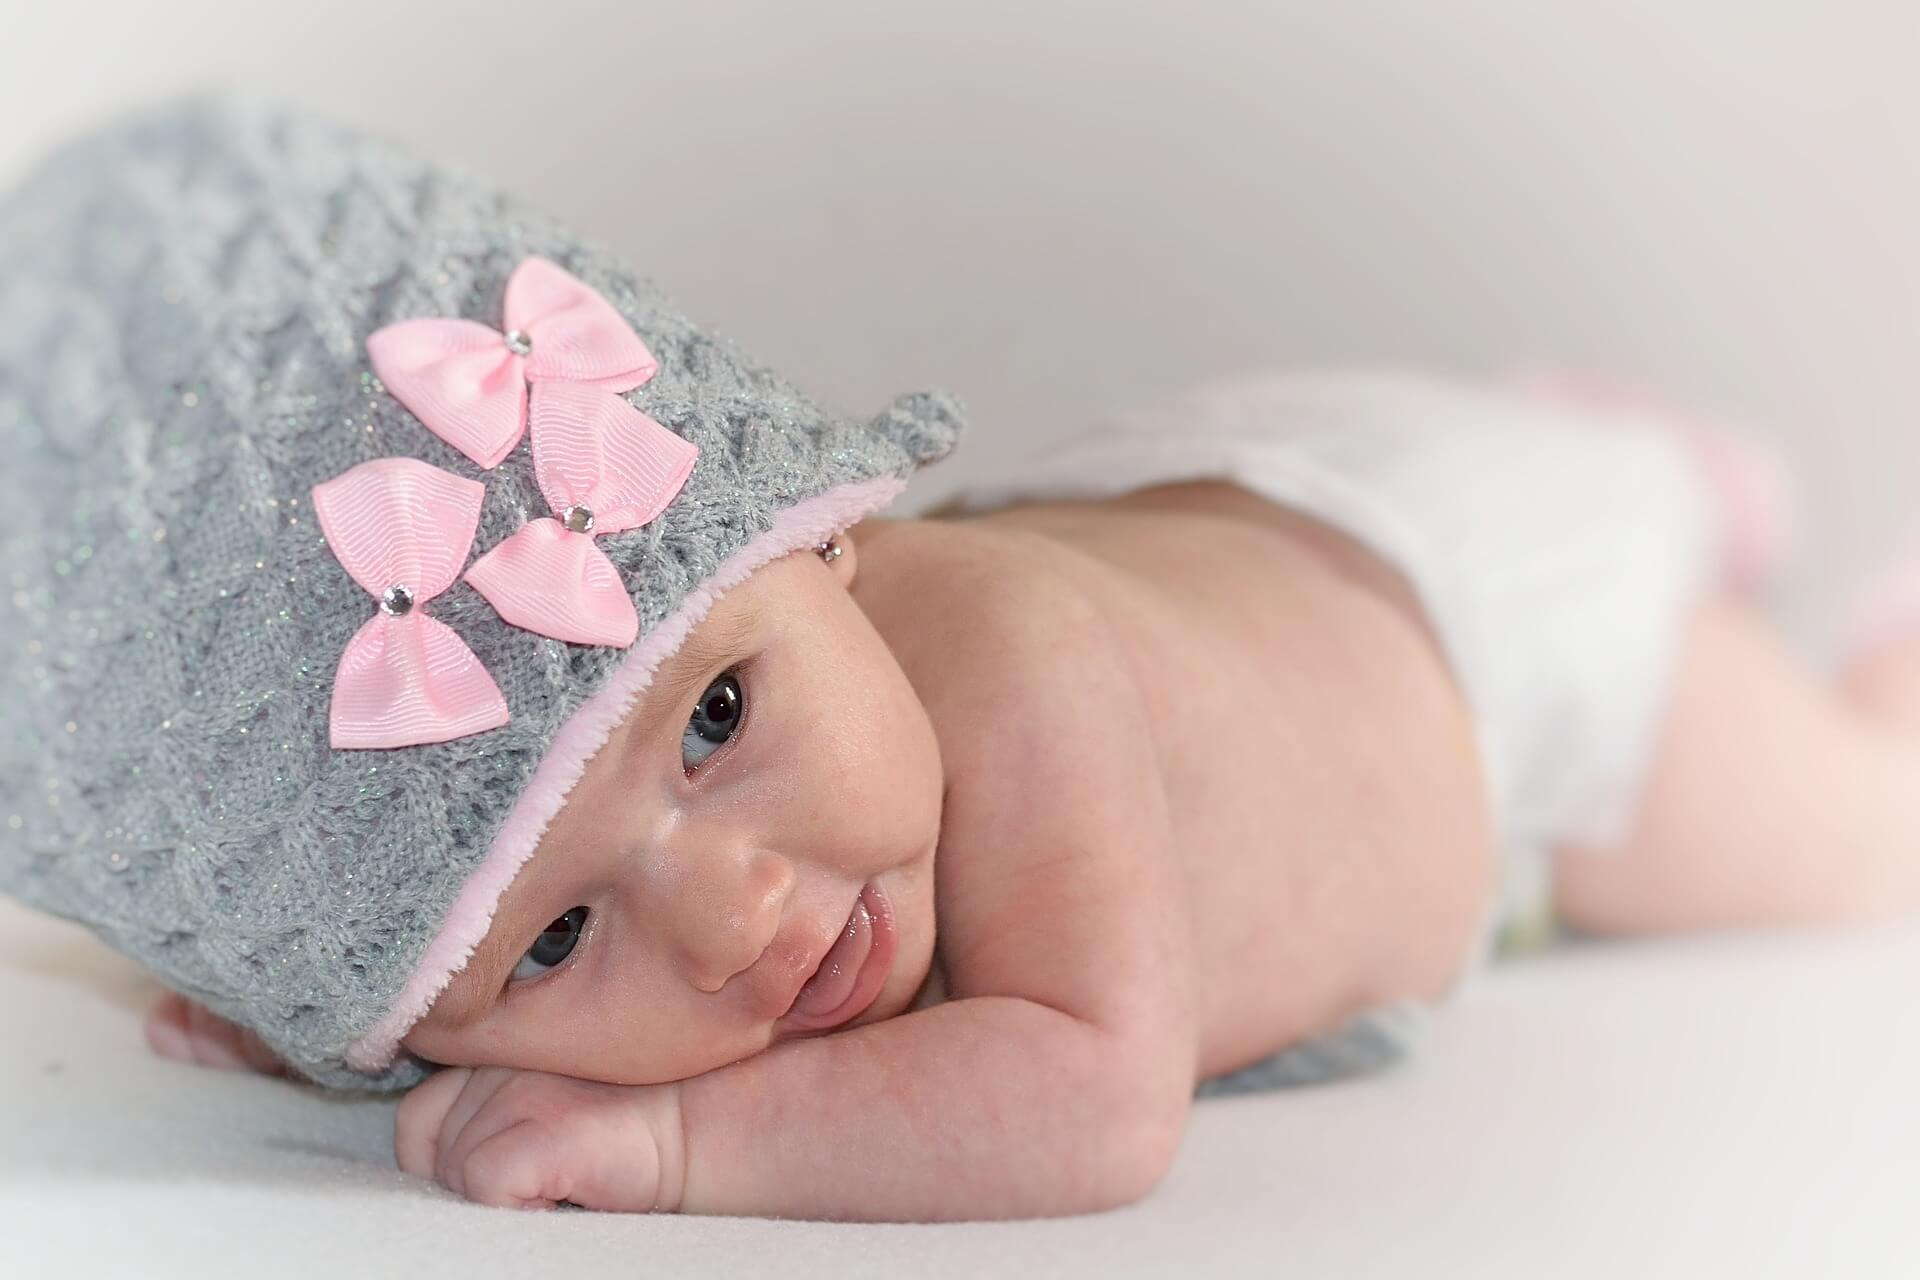 Как лечить грудного ребенка от кашля в домашних условиях быстро